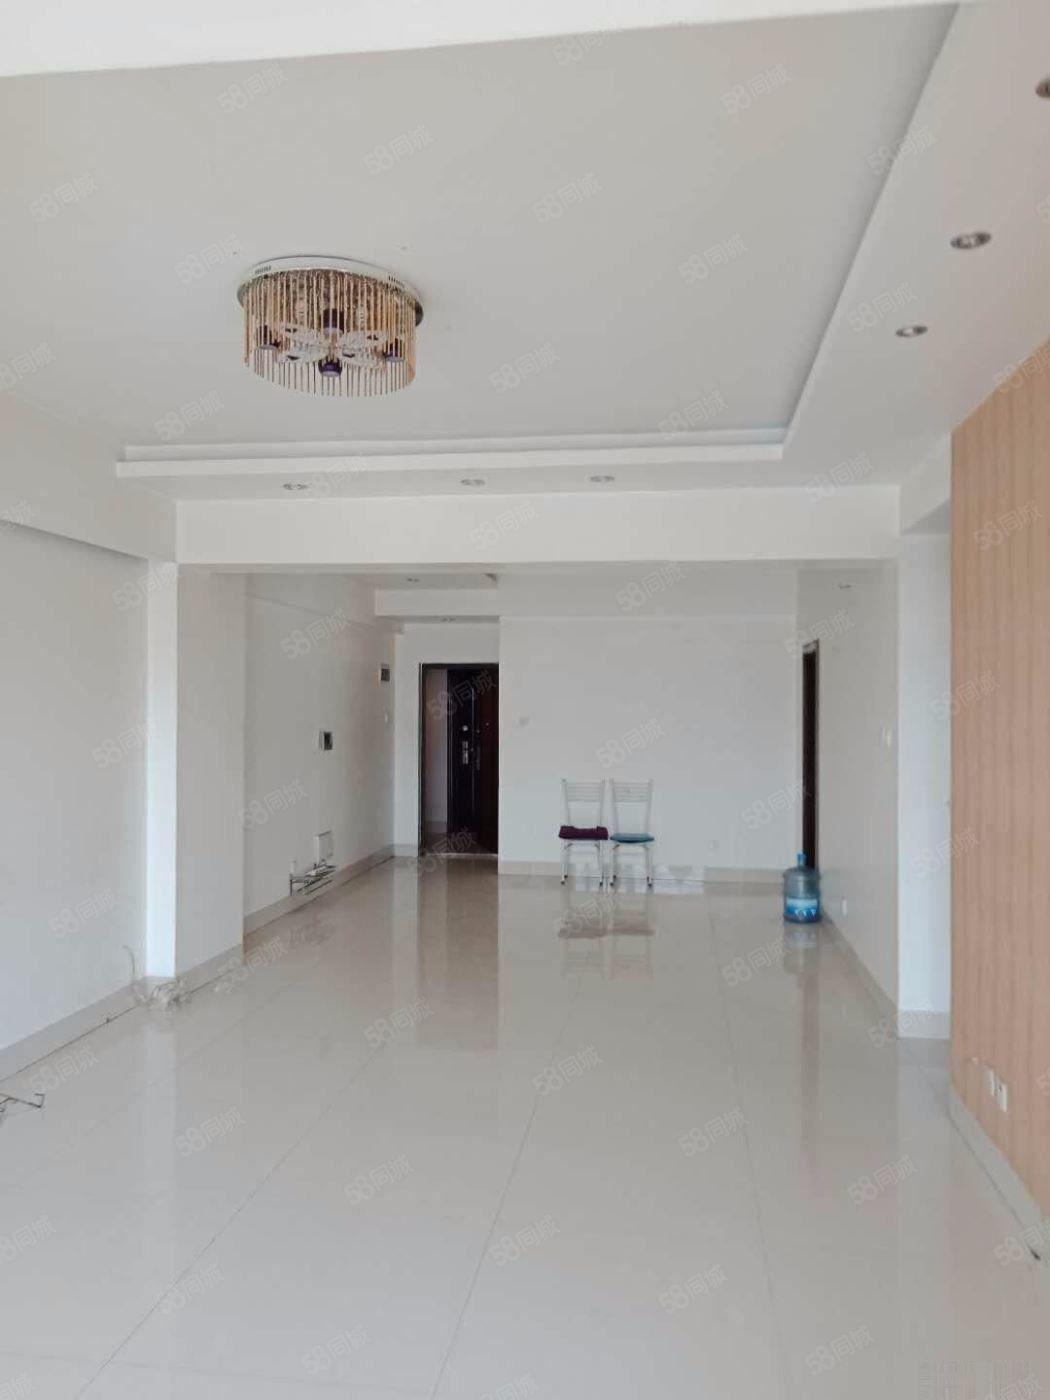 聂耳音乐广场旁磊山大厦3室136平米带车位精装框